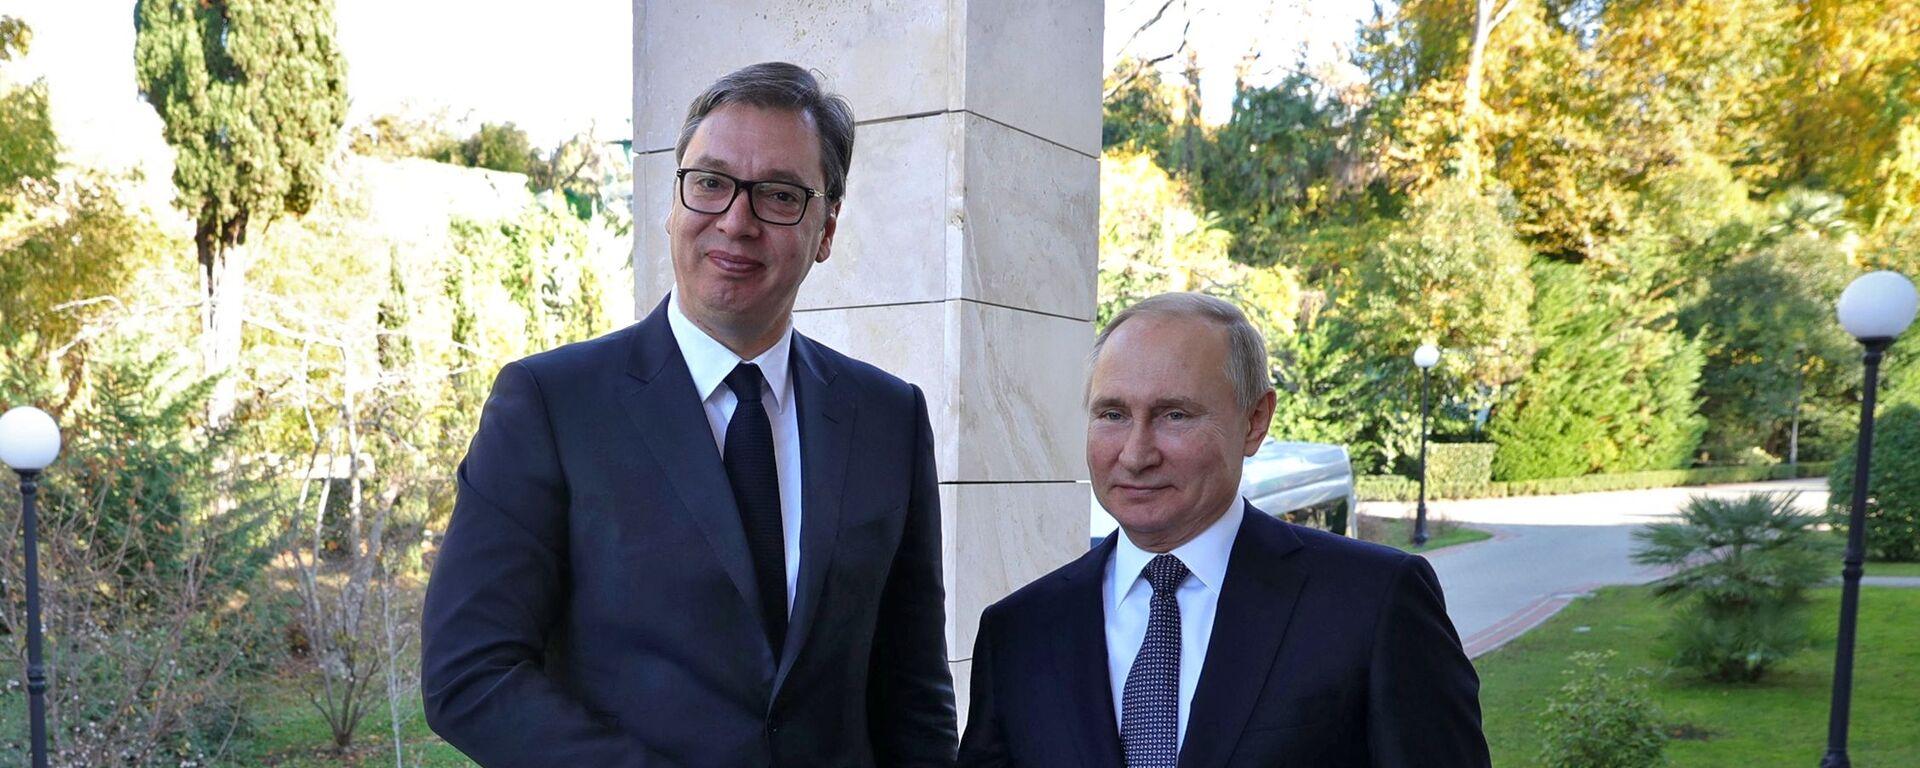 Prezident Srbska Aleksandar Vučić a prezident Ruska Vladimir Putin - Sputnik Česká republika, 1920, 15.05.2020